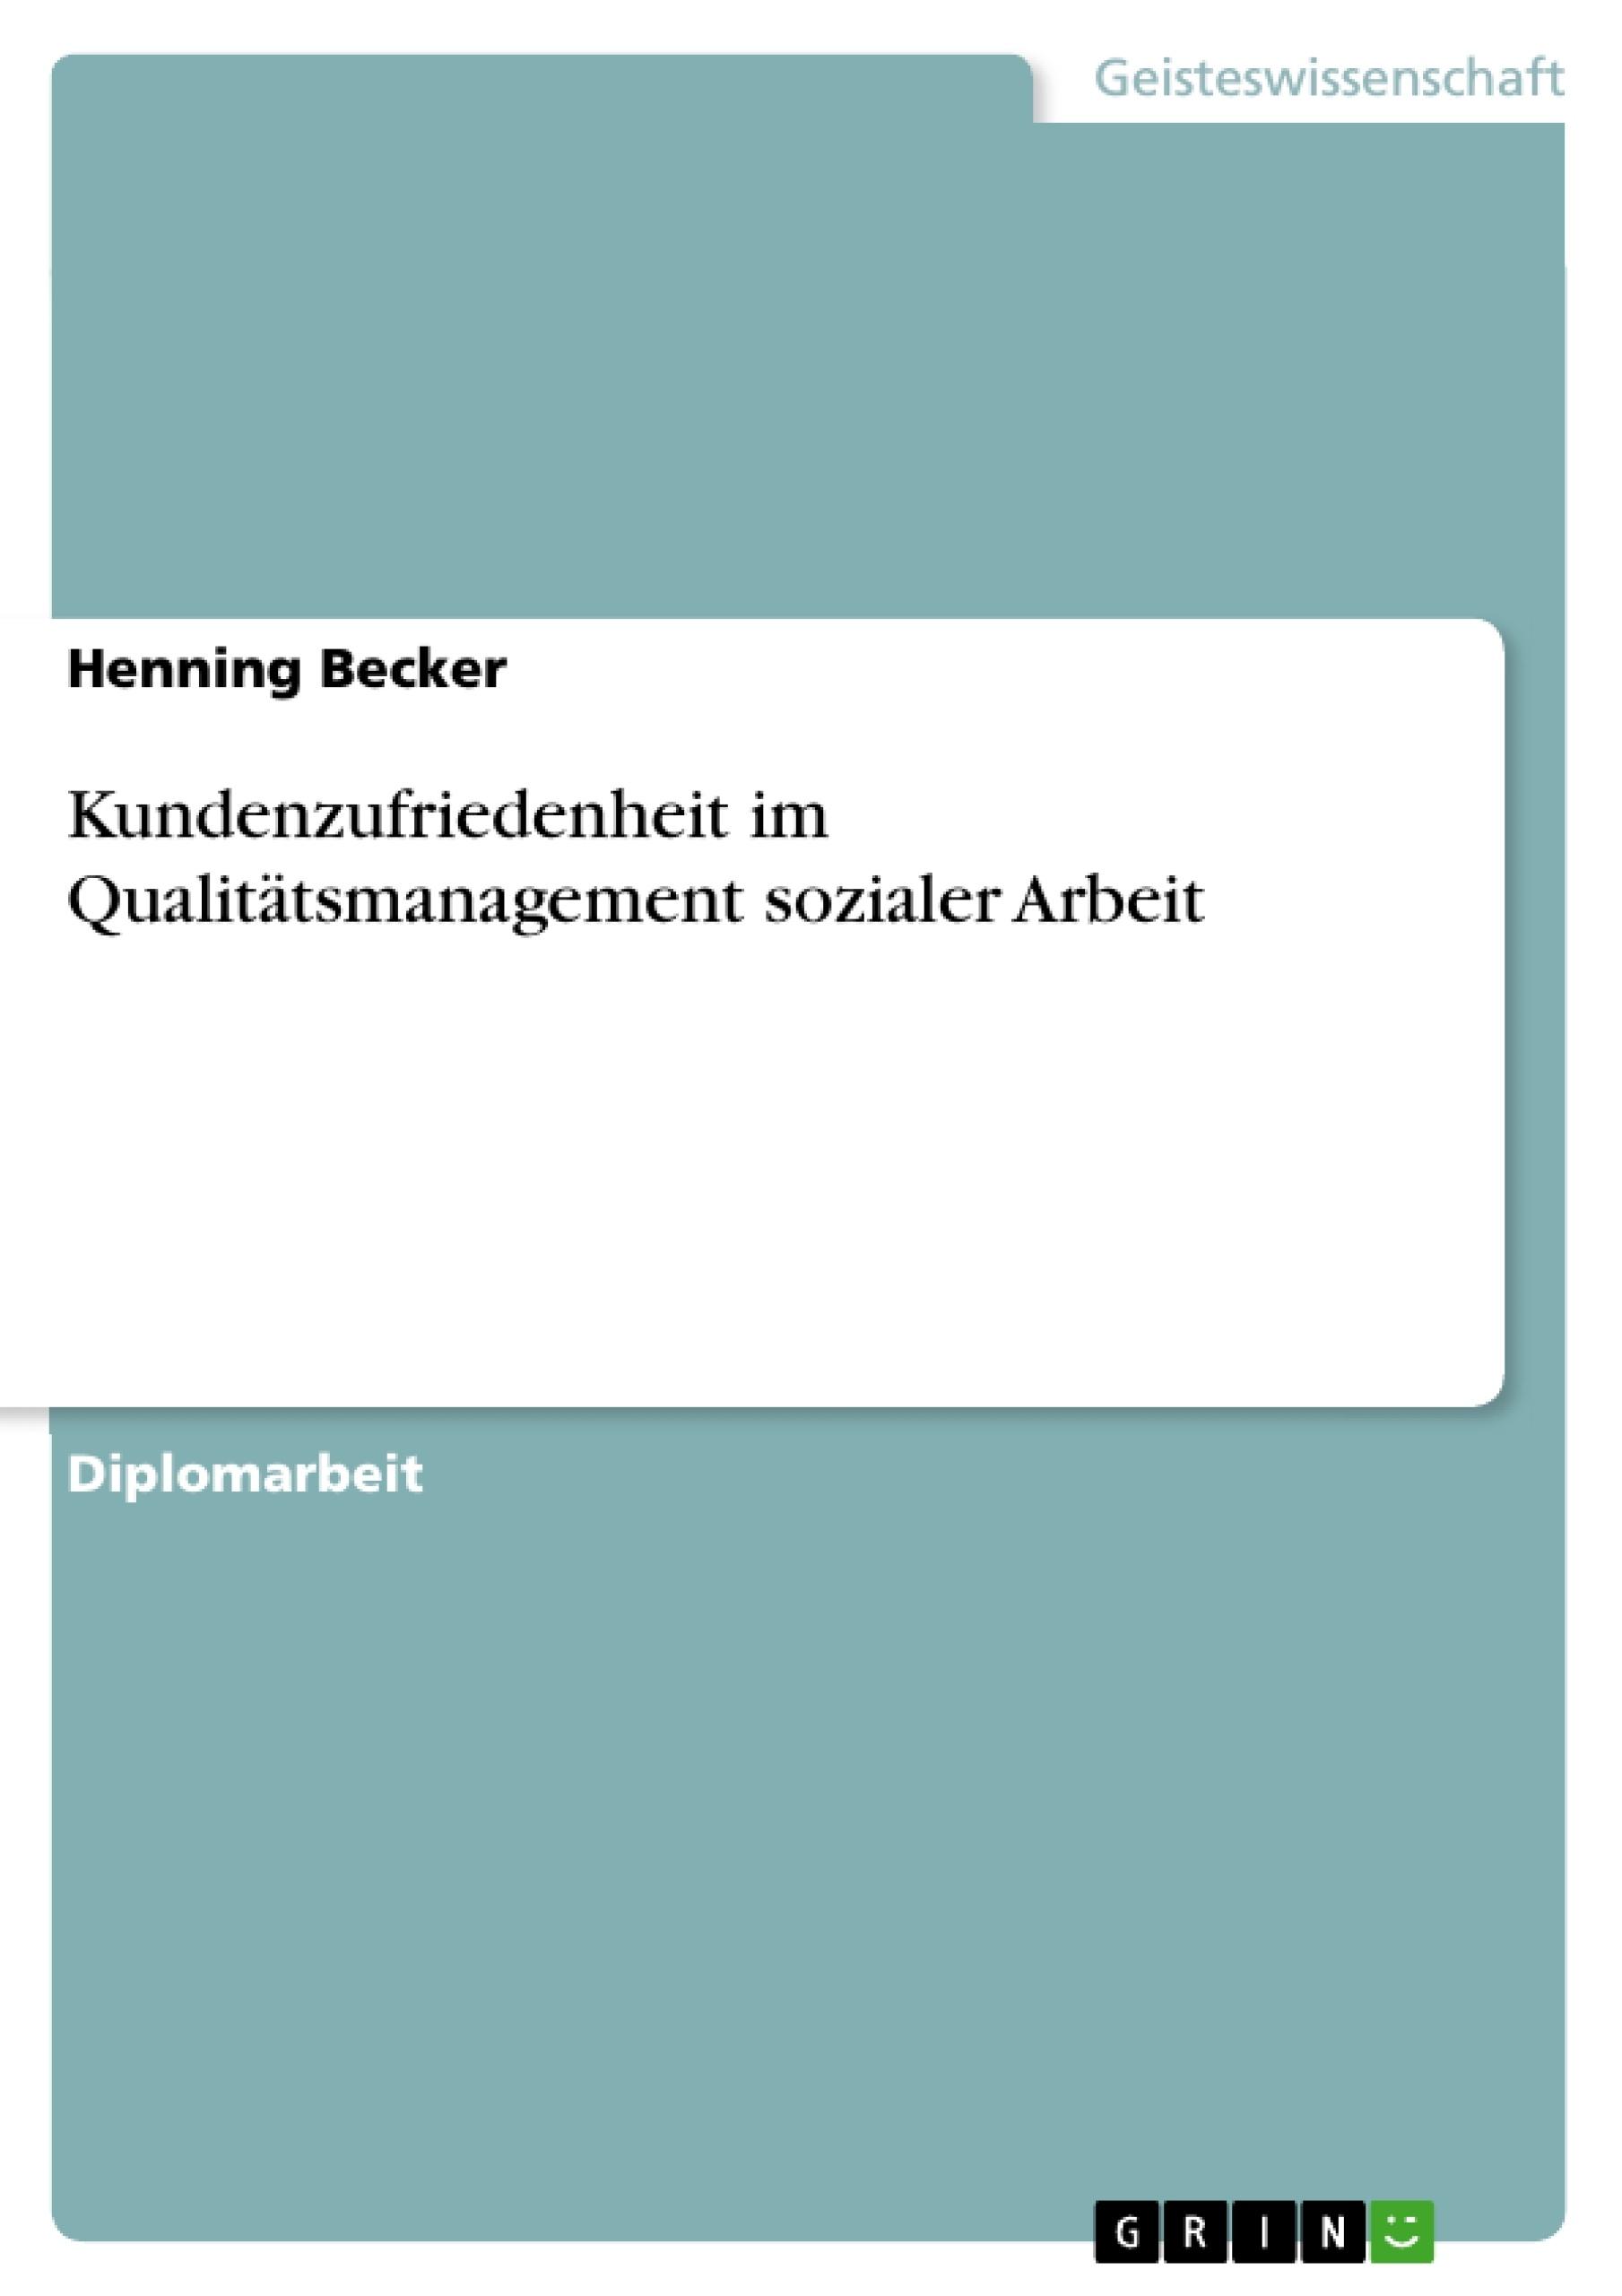 Titel: Kundenzufriedenheit im Qualitätsmanagement sozialer Arbeit